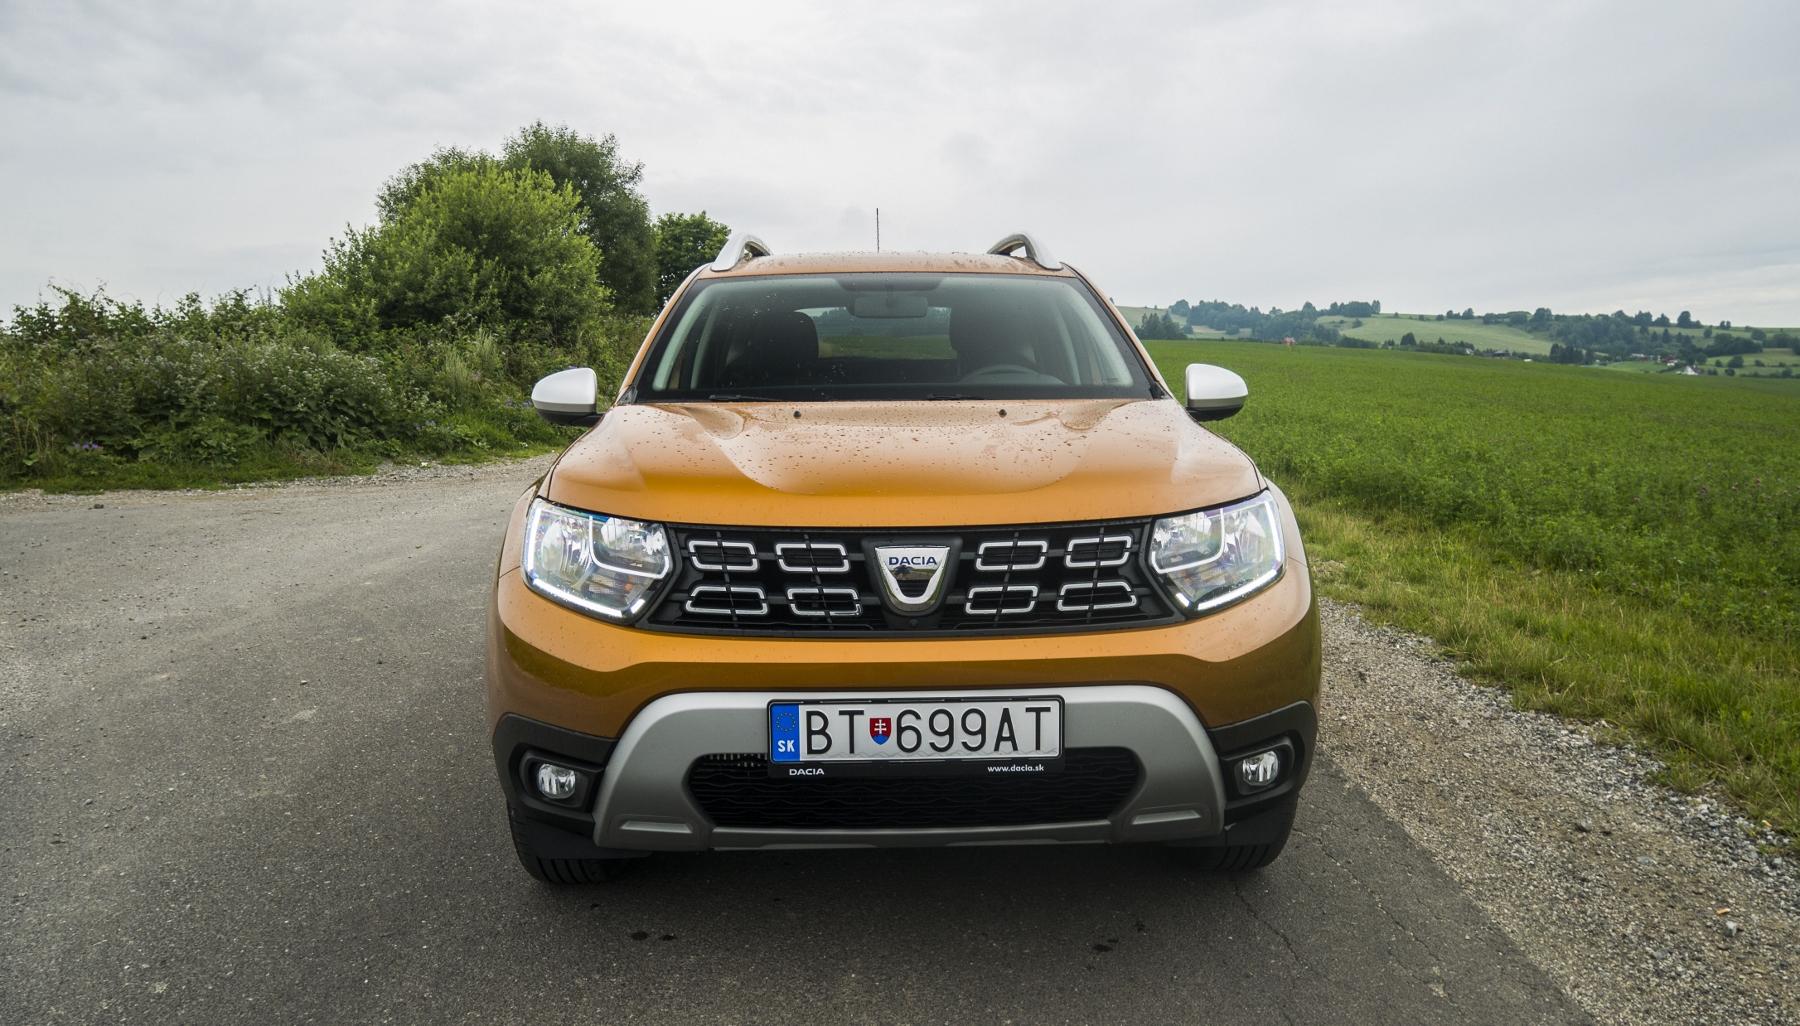 Test: Dacia Duster LPG je voľbou rozumu XcfZbpM1Z9 dacia-duster-lpg-7